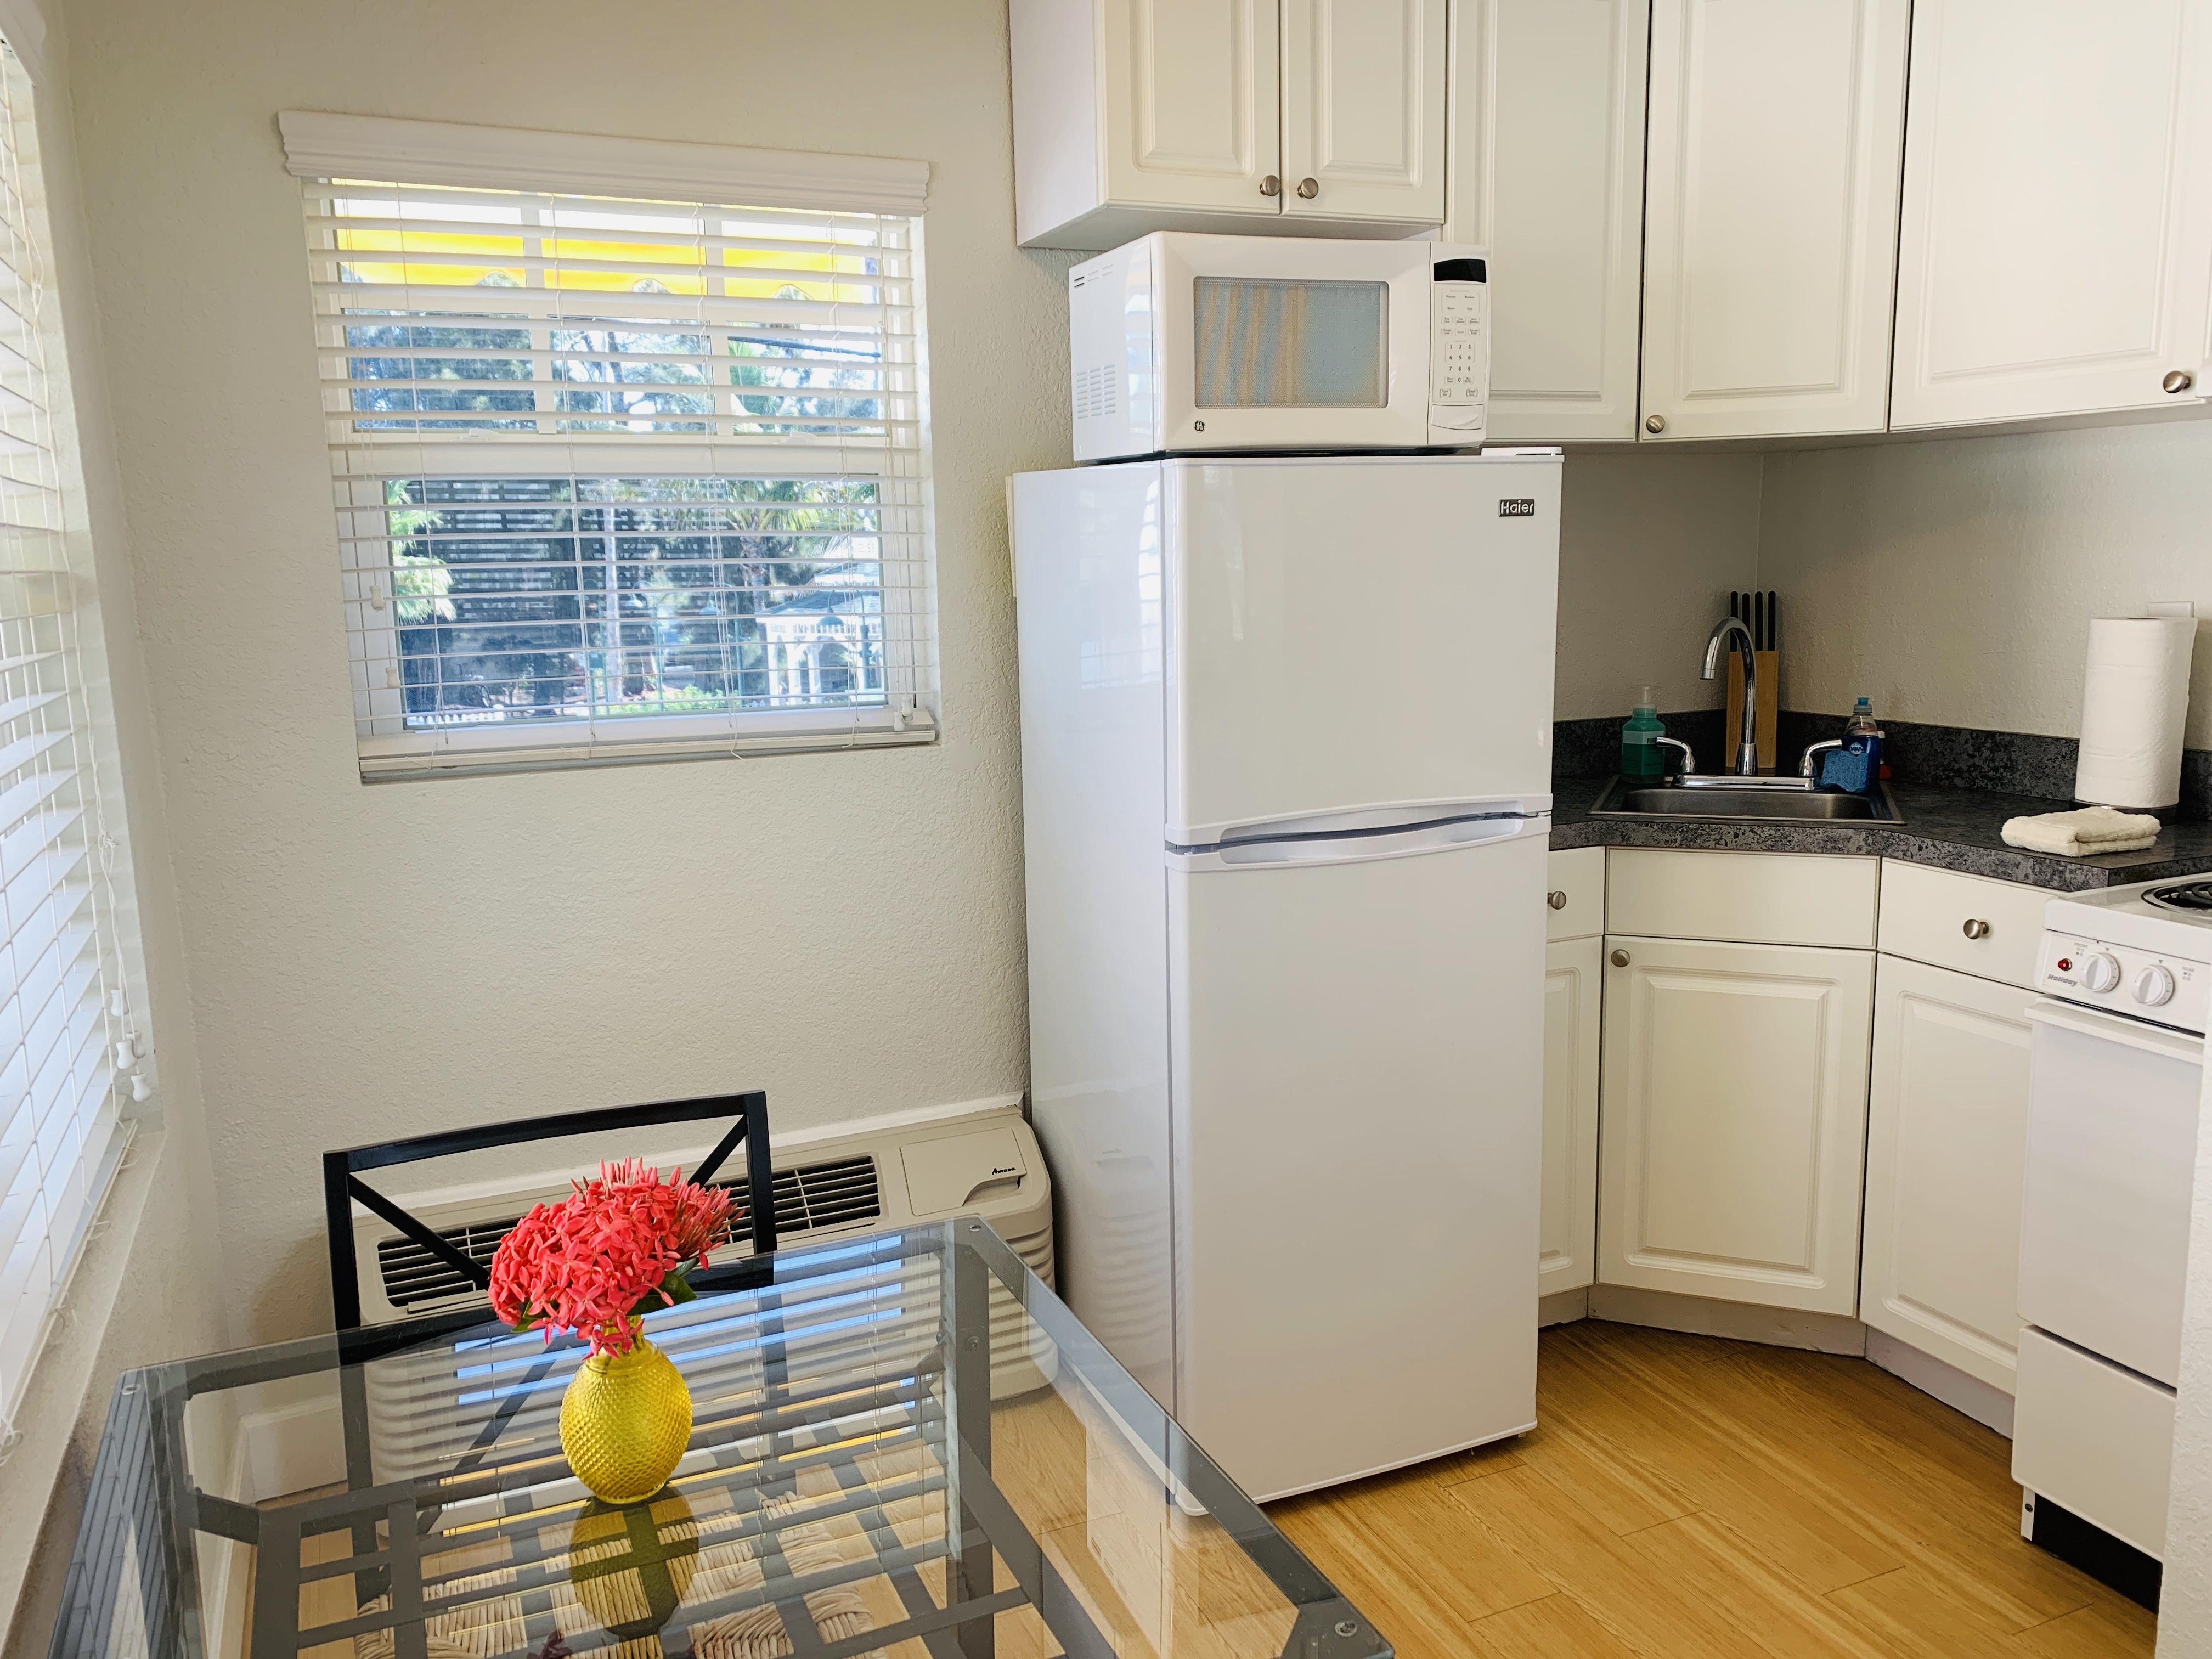 Unit 8 Studio Kitchen